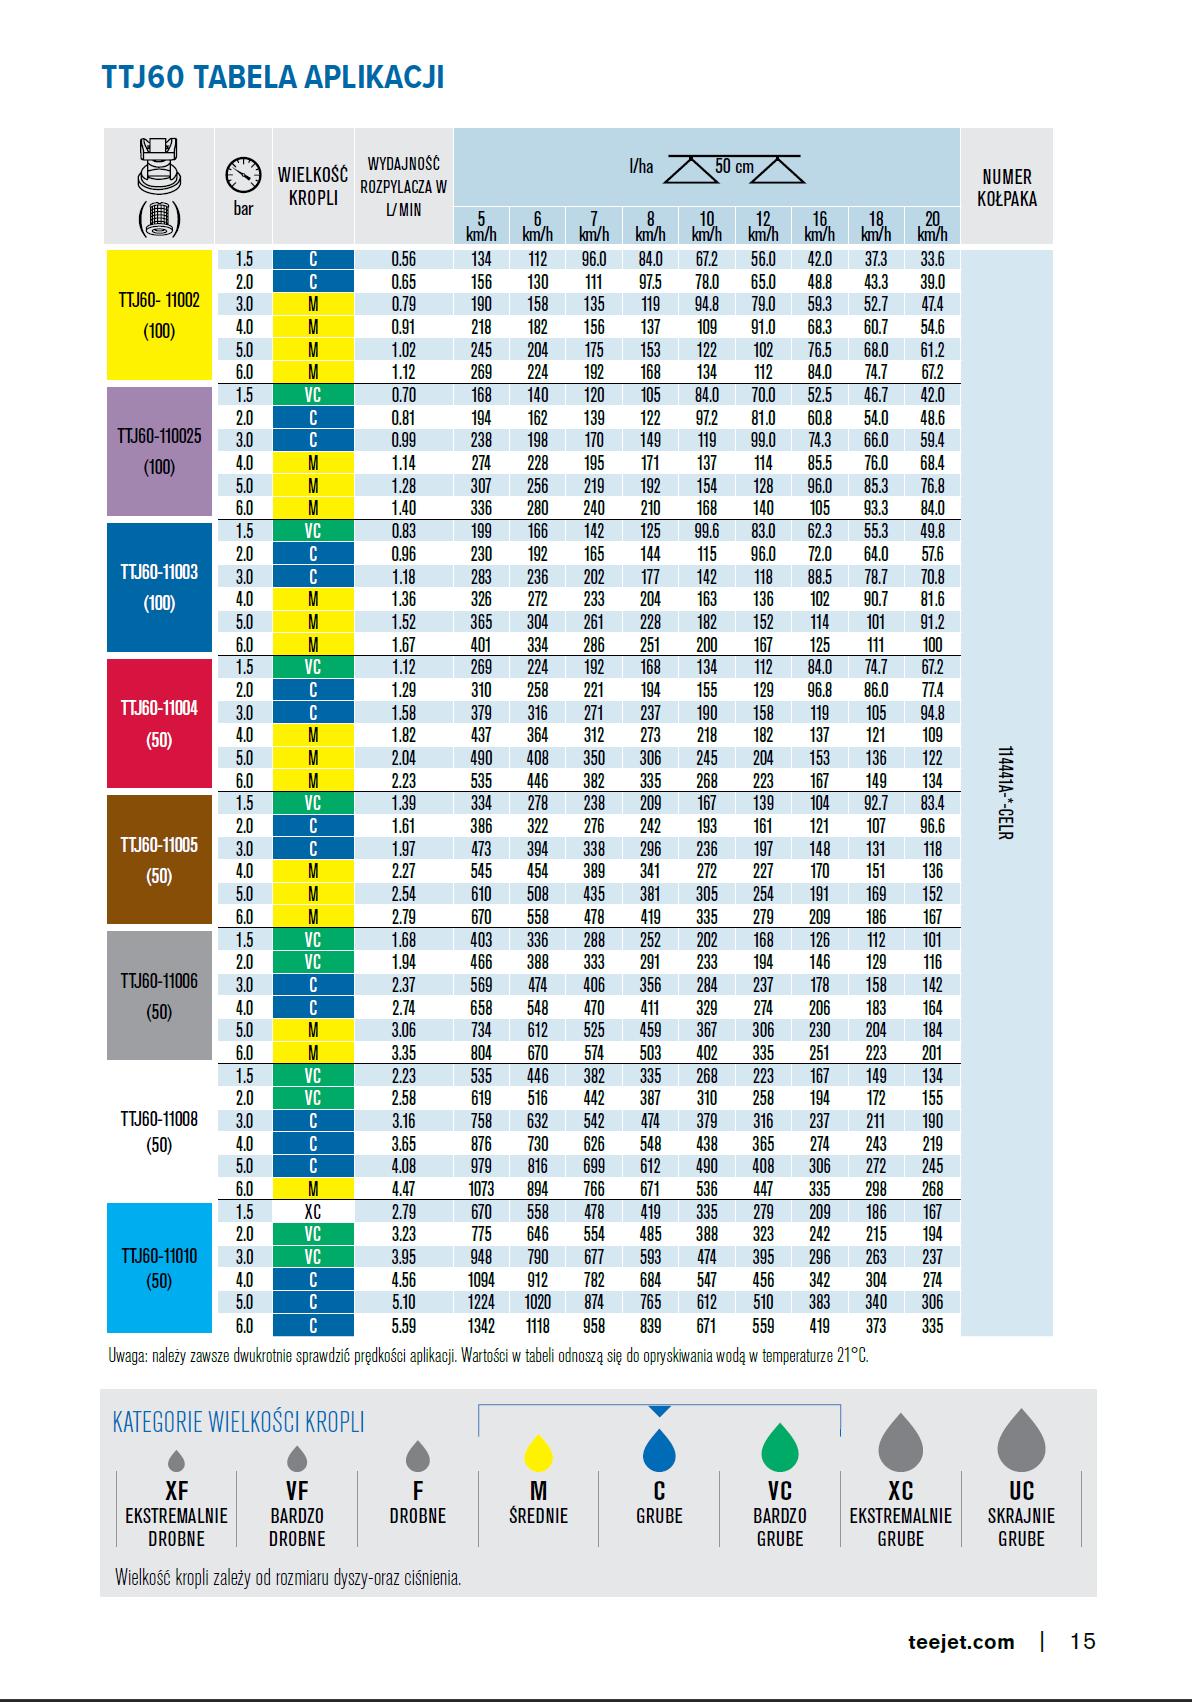 tabela przepustowowci rozpylacza ttj60